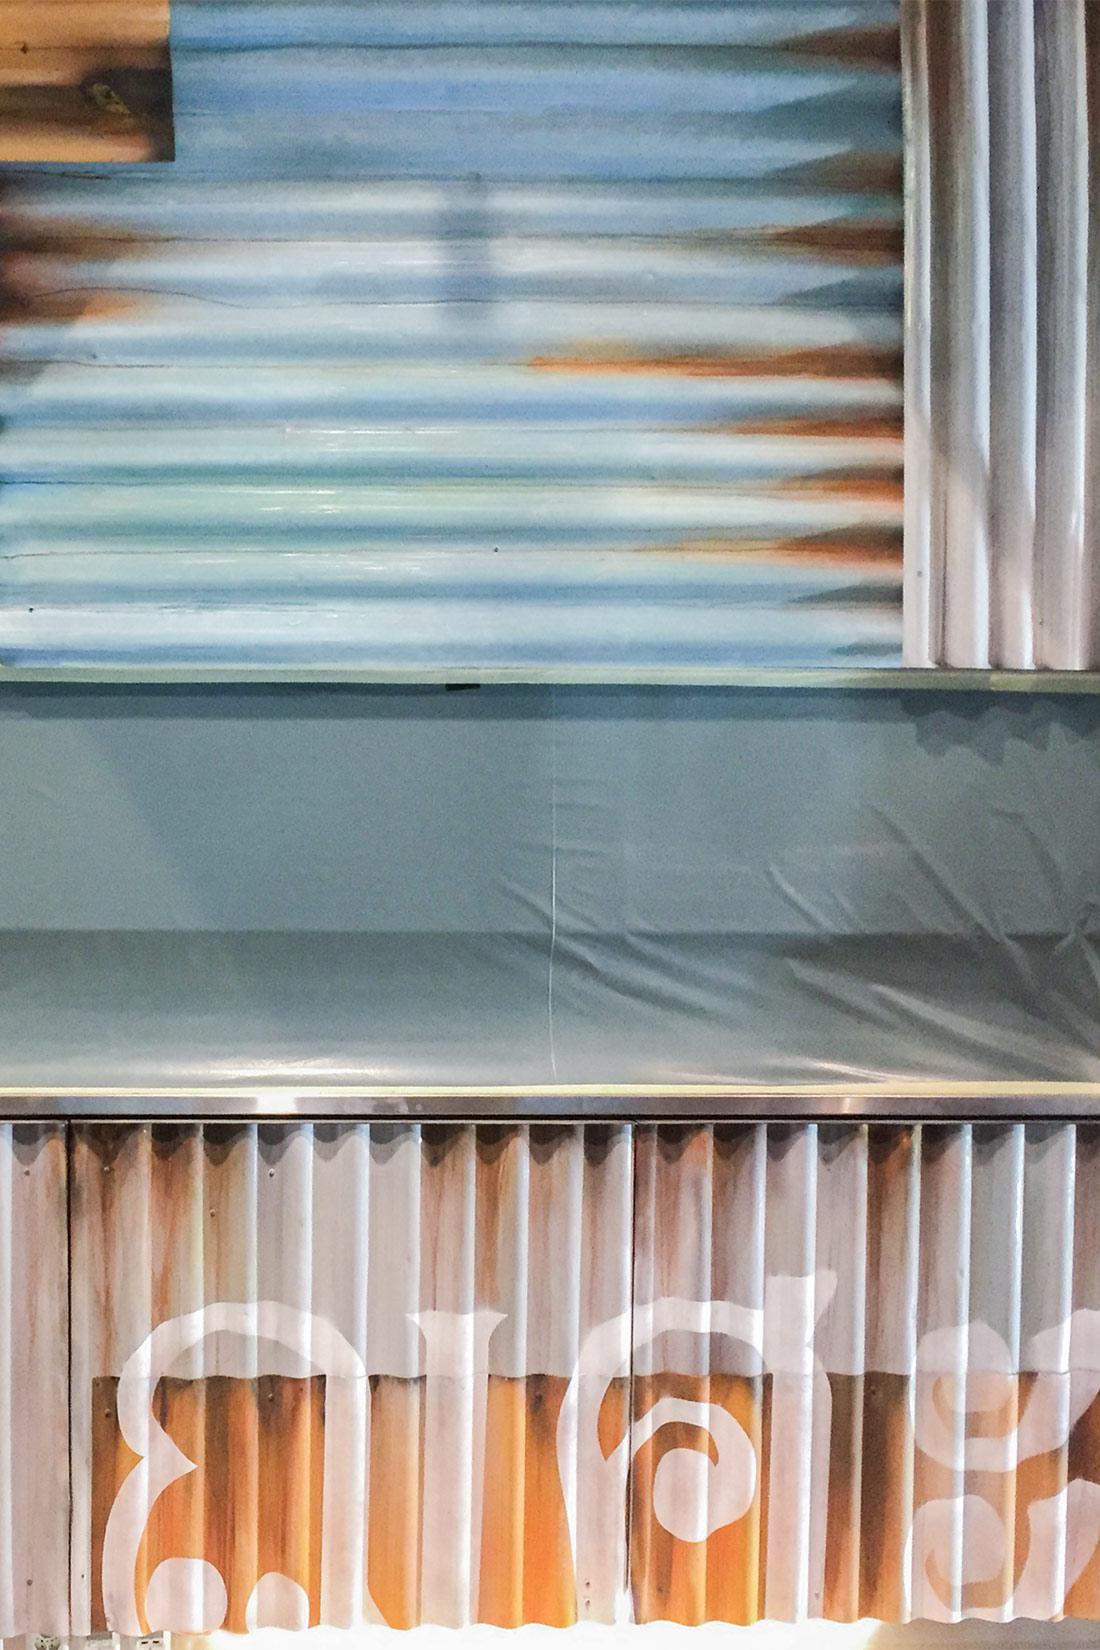 Nahaufnahme der Rollwaende im Vintag-Style: rostig und hellblau